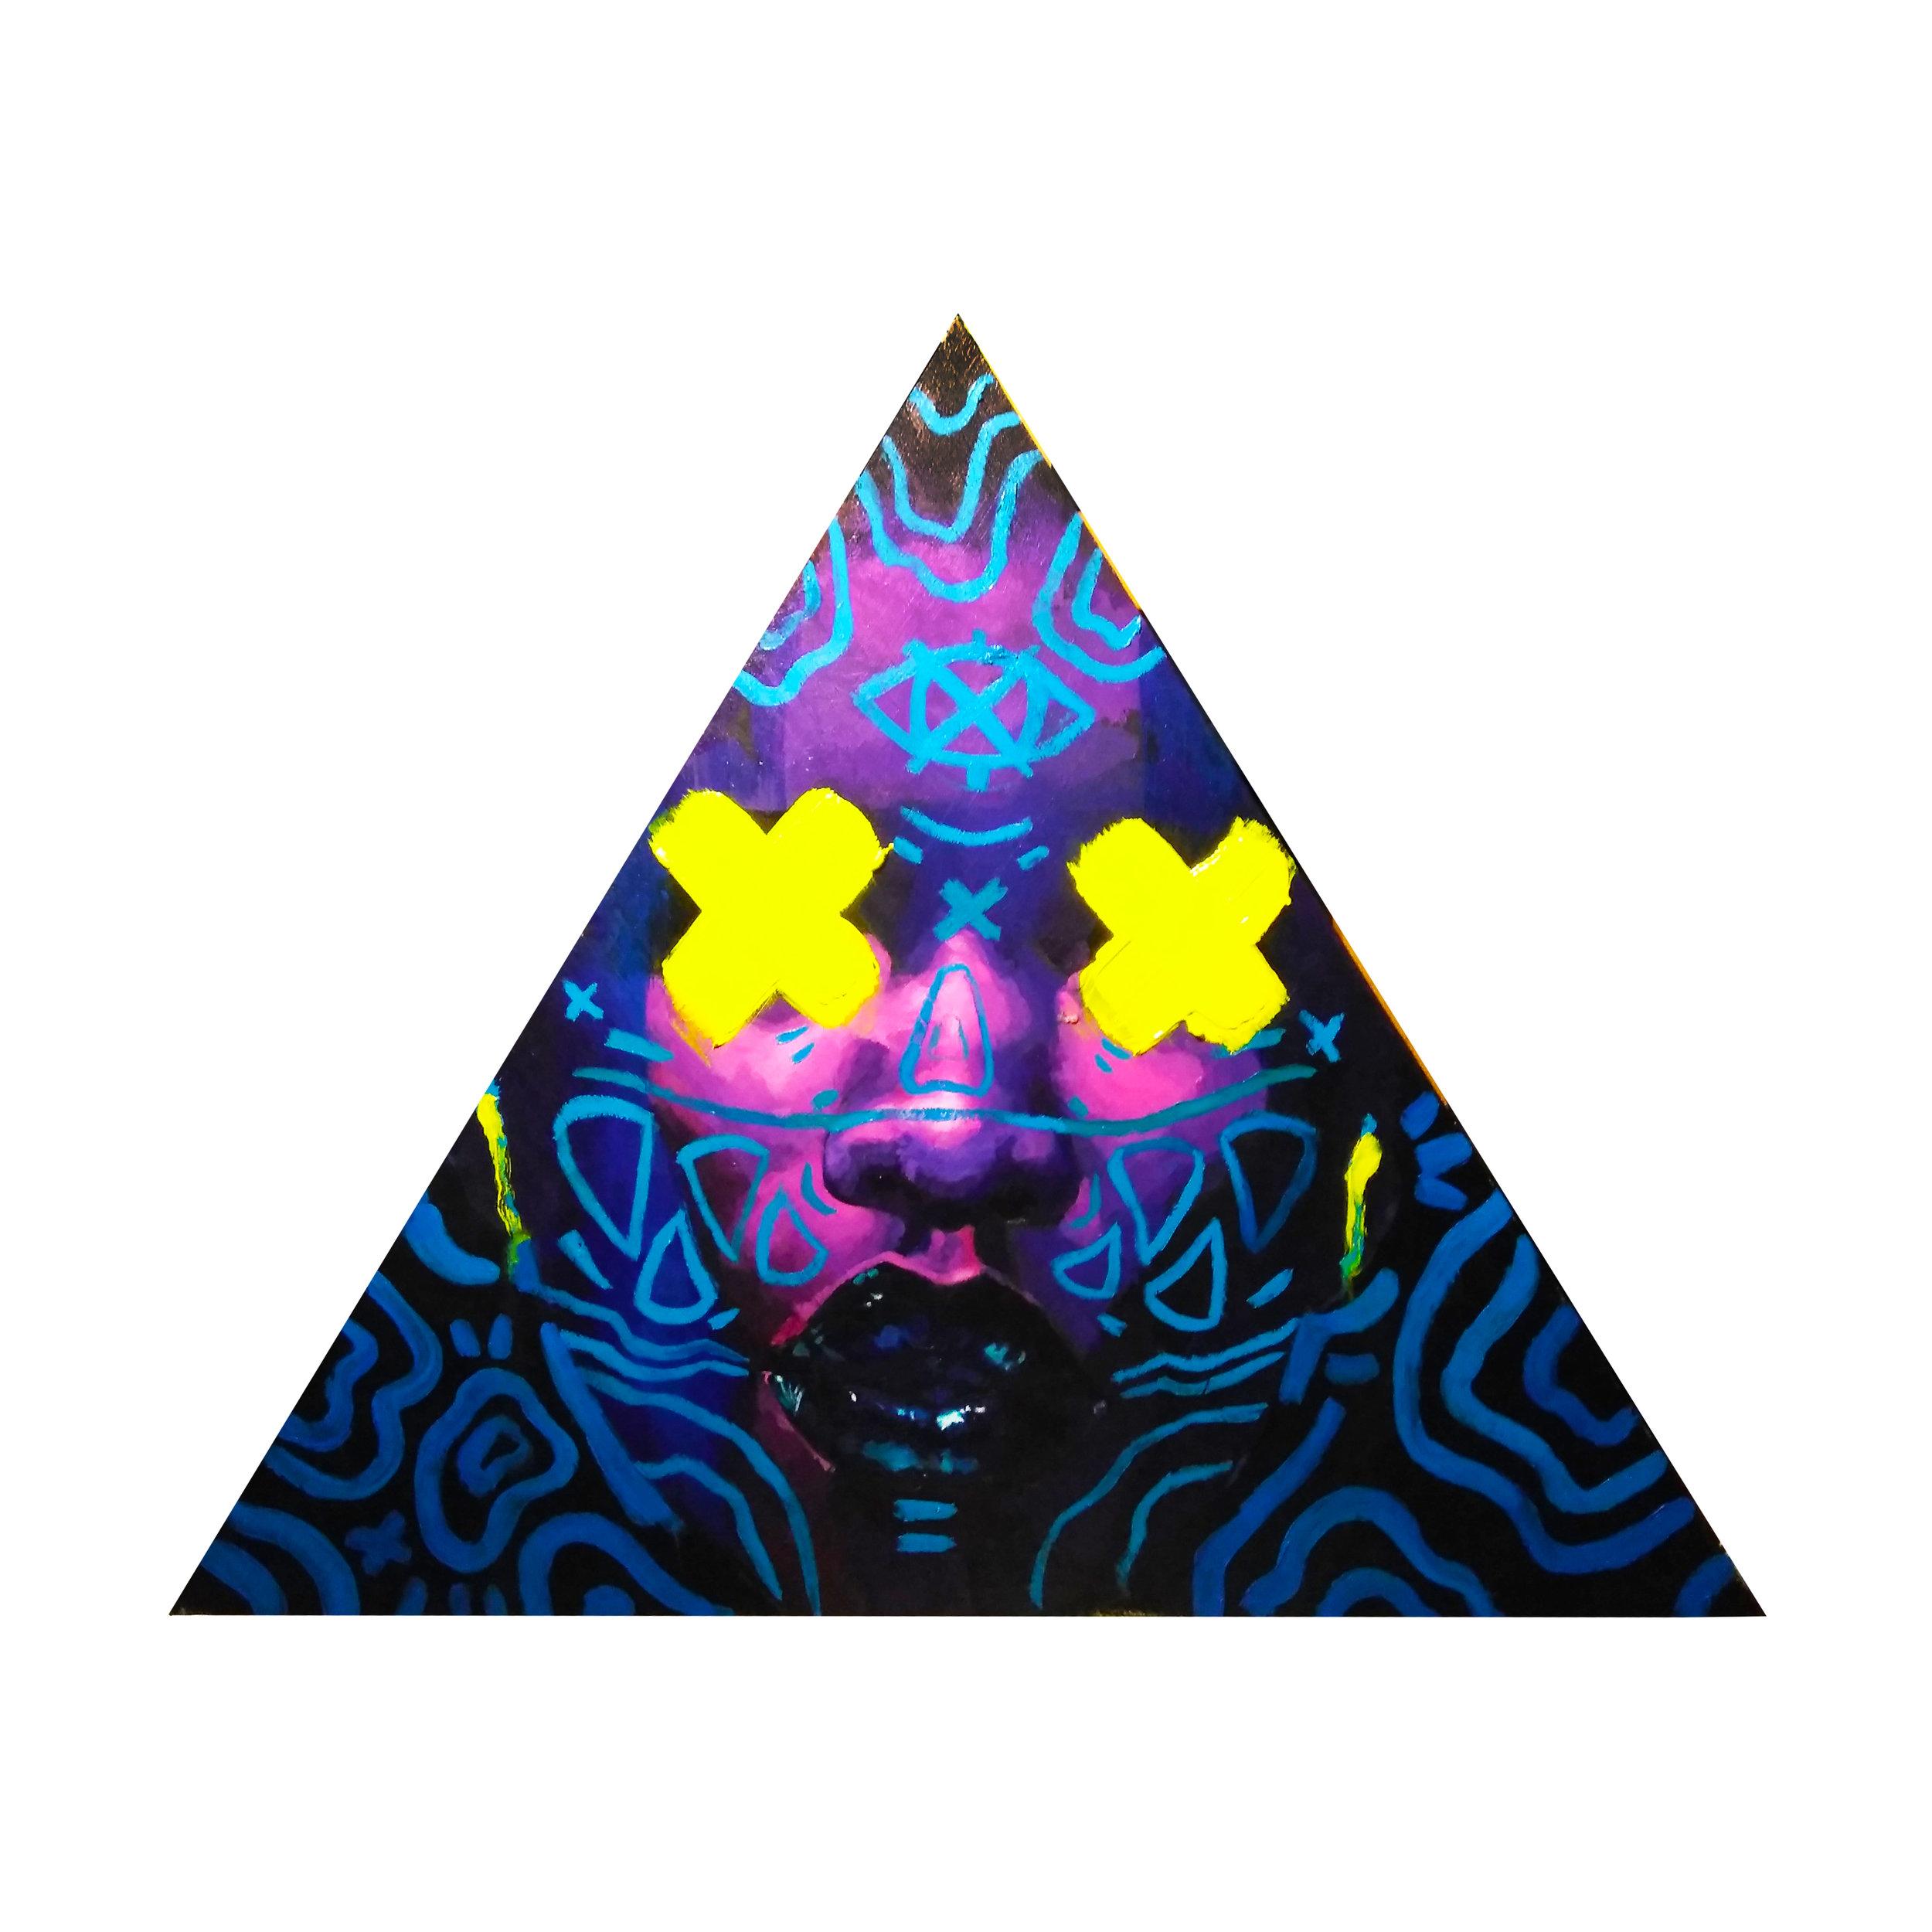 Noise Prism